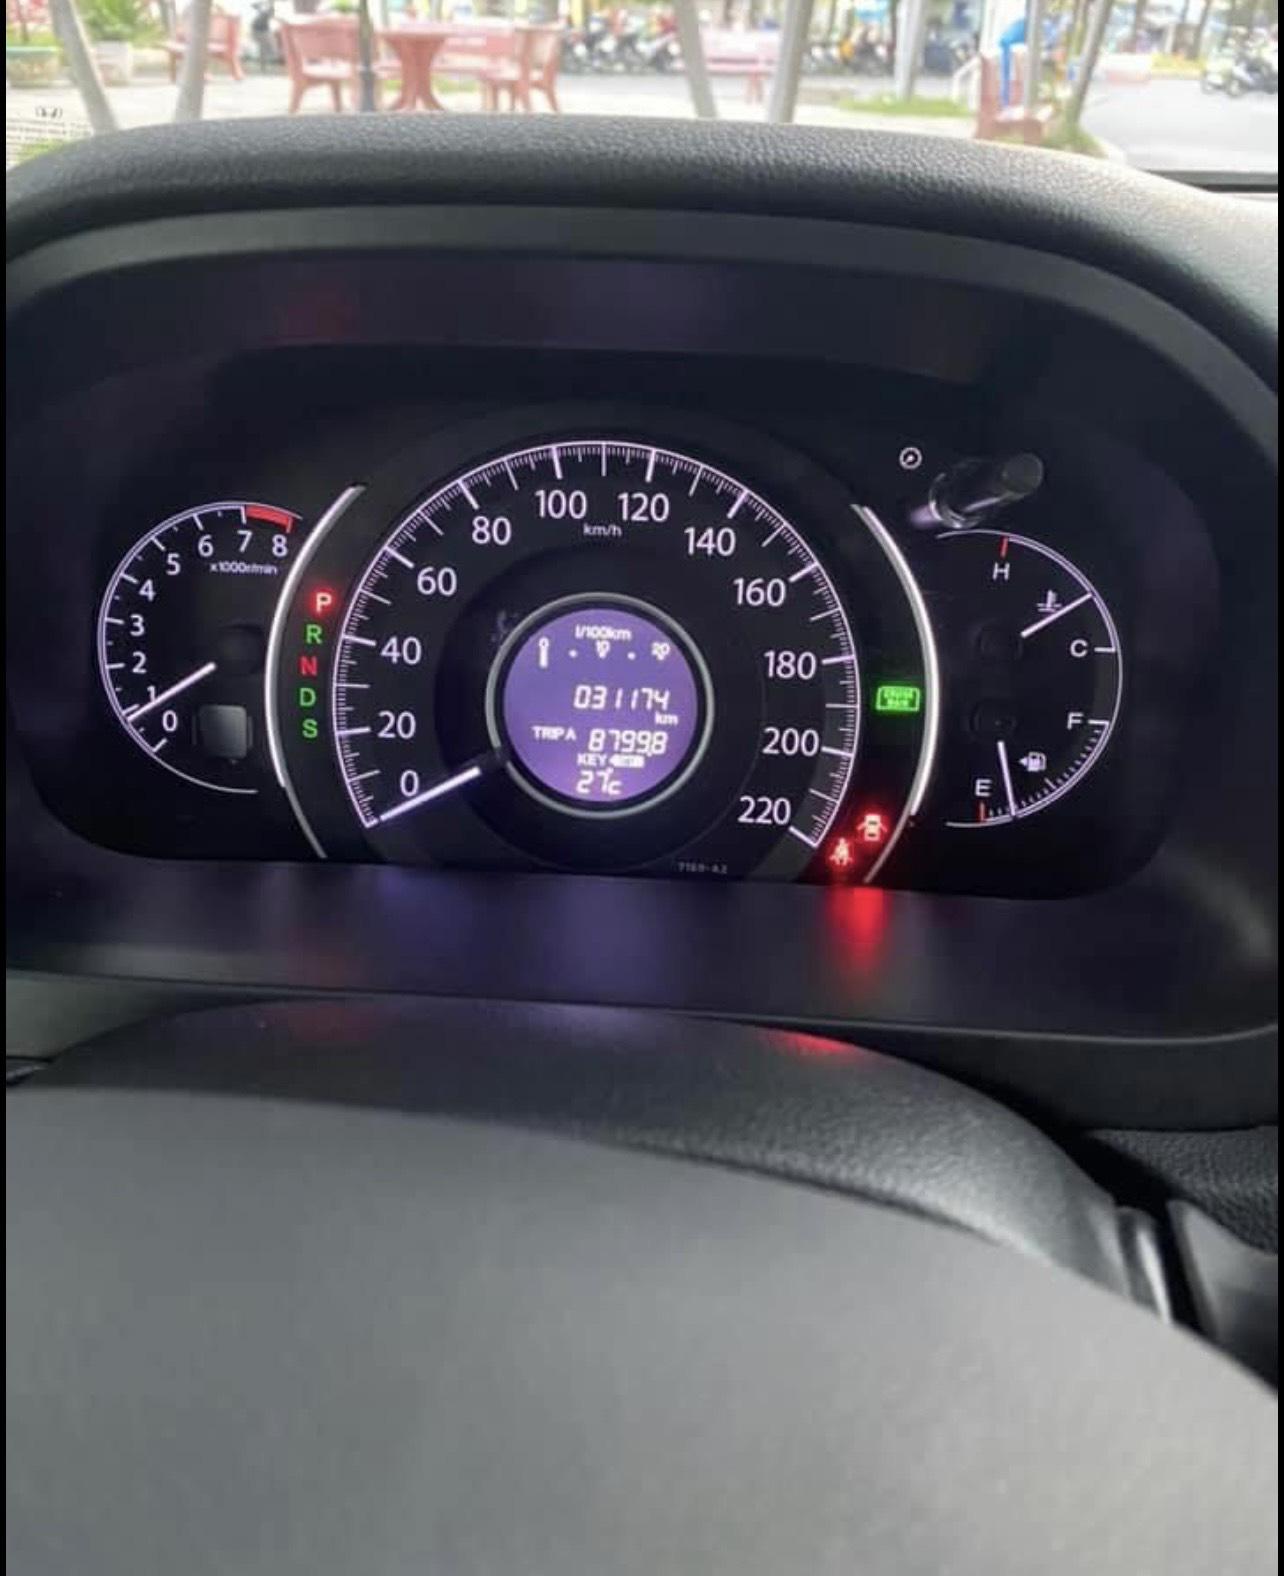 Honda CR-V chạy hơn 3 năm, giá bán bất ngờ - Ảnh 3.